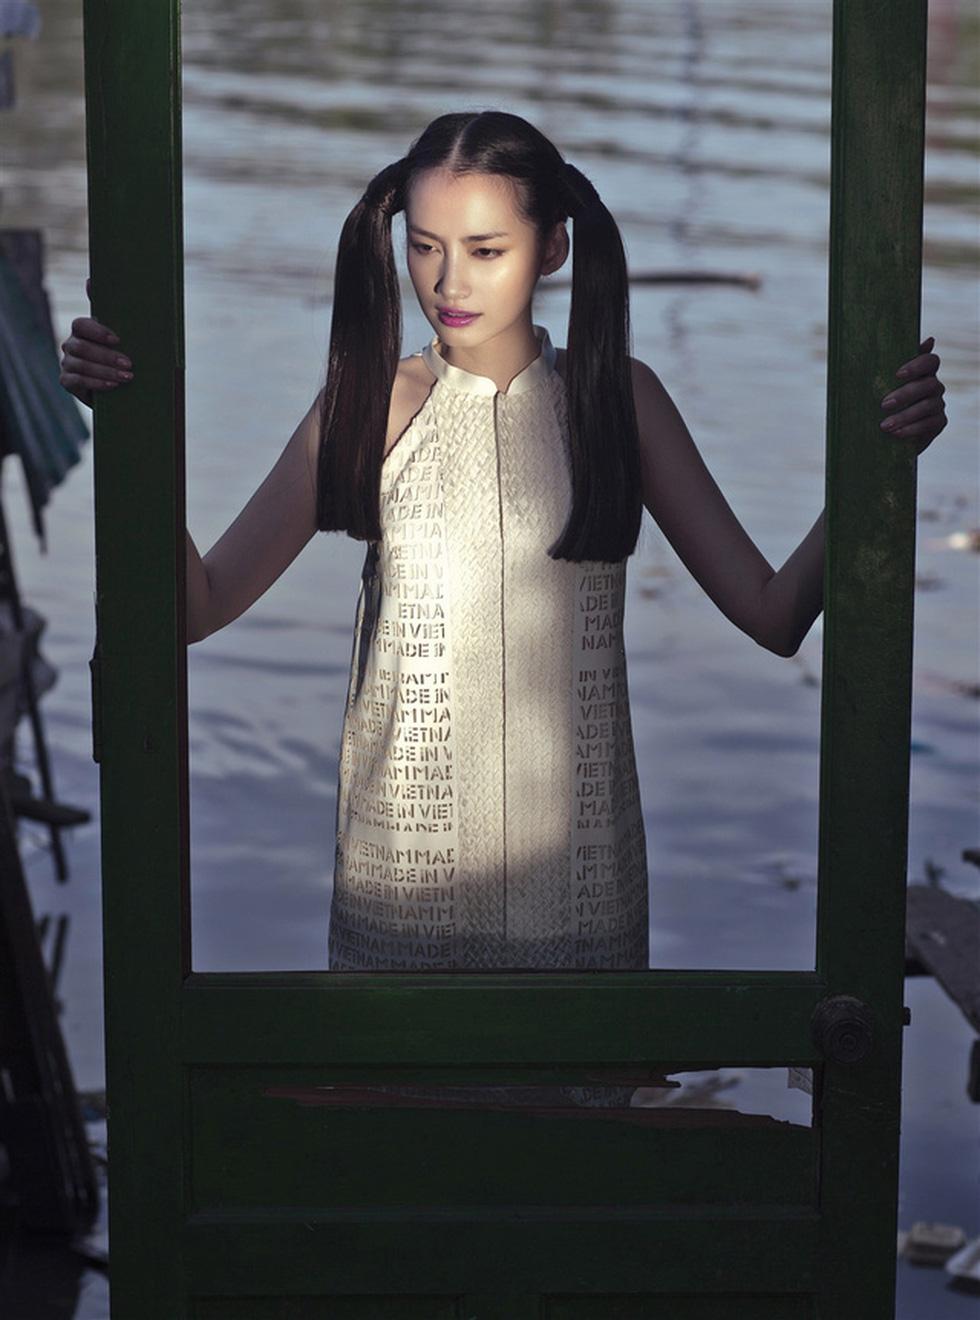 Nhà thiết kế Nguyễn Công Trí: Tôi tìm thấy bình an trong  chính mình - Ảnh 15.